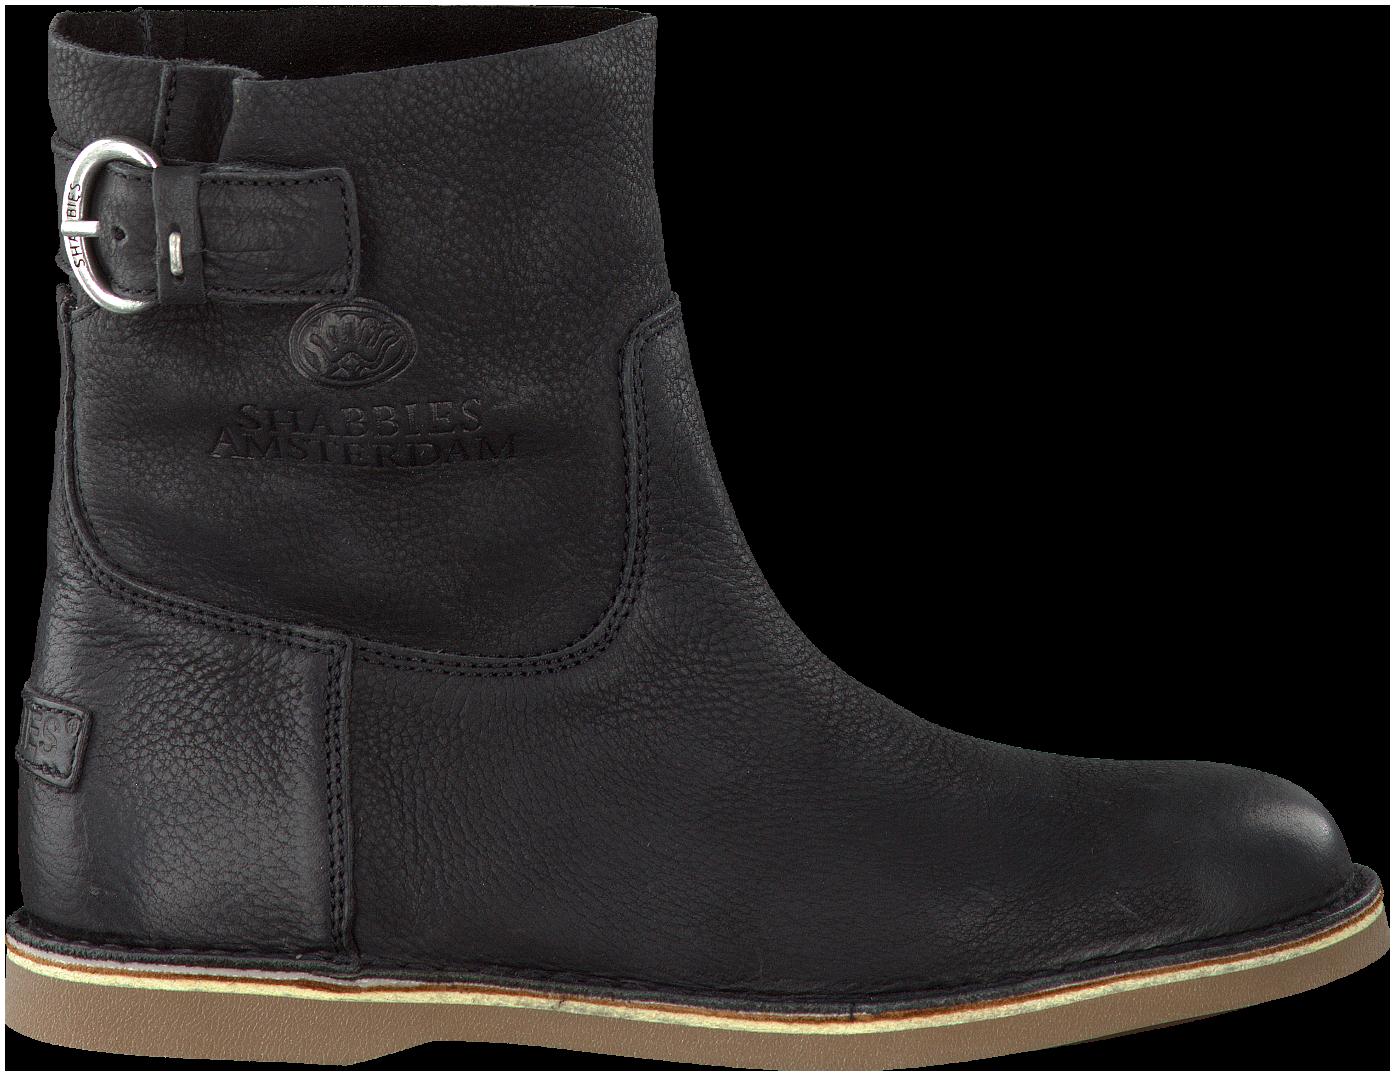 Zwarte SHABBIES Enkelboots 202052   Zwart, Laarzen, Zwarte